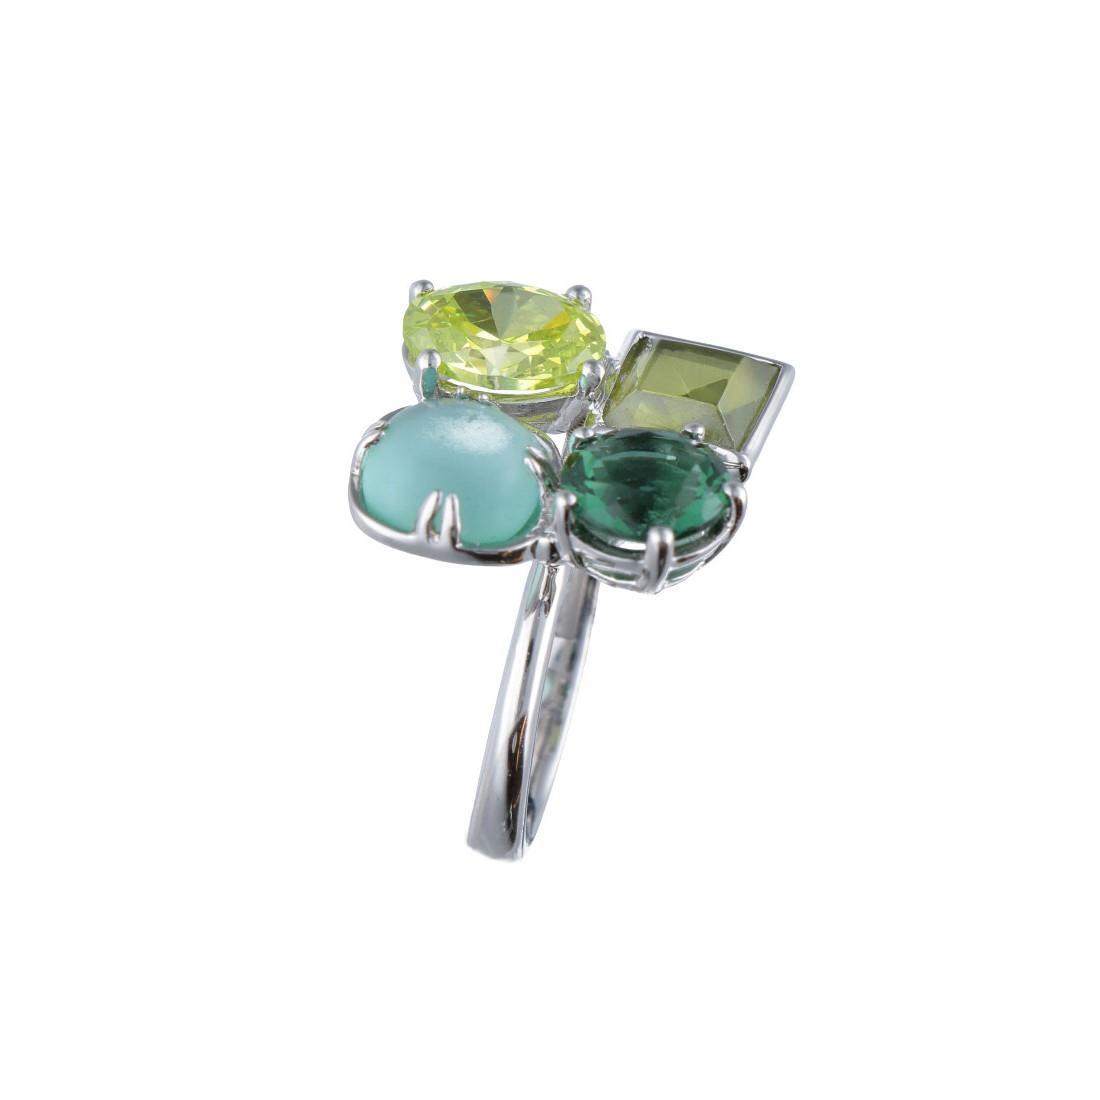 Anello in argento con pietre colorate verdi mis 11 - BLISS